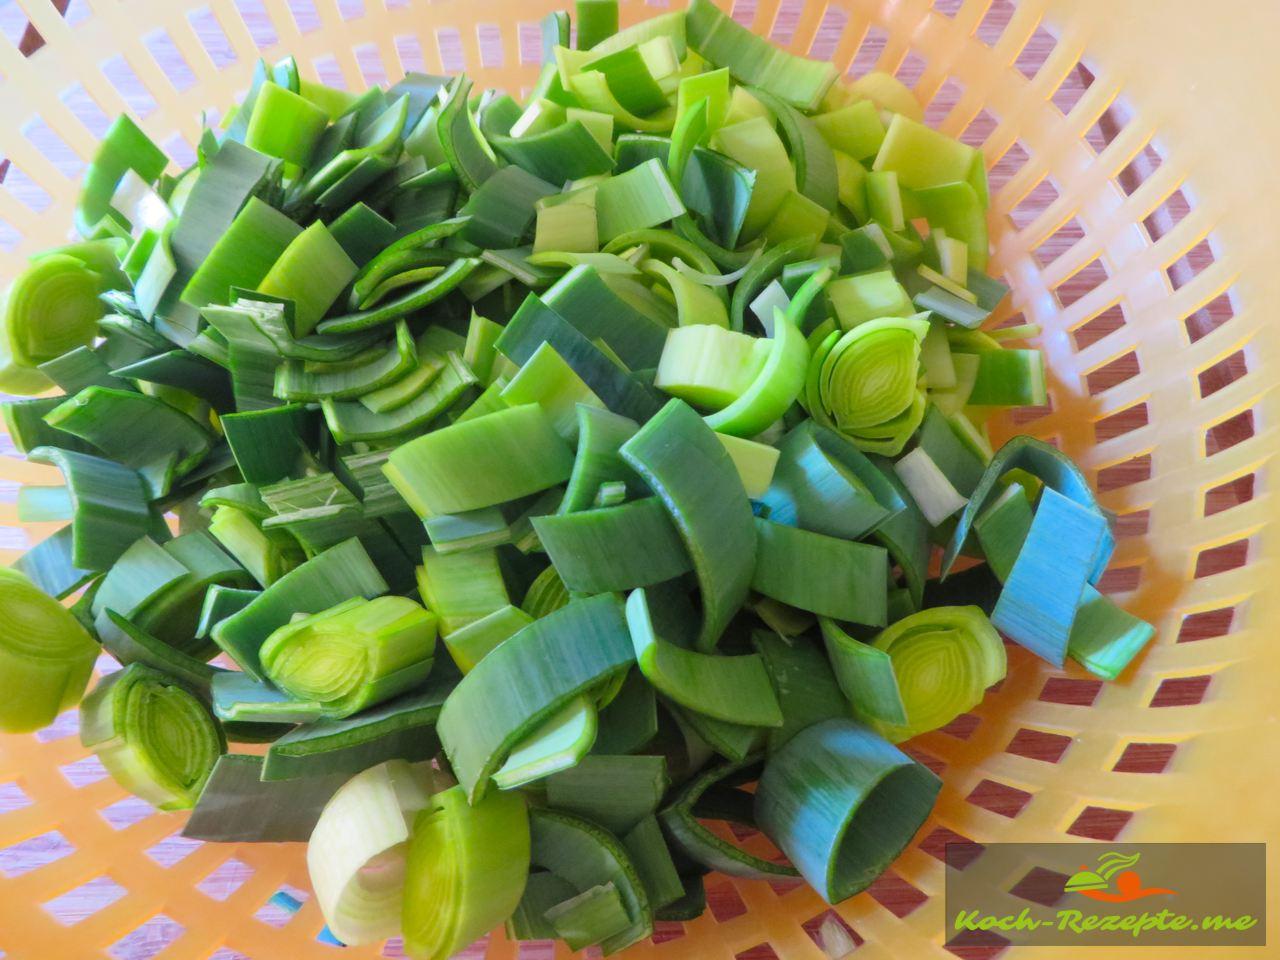 Lauch/Porree waschen und in 1 cm dicke Scheben schneiden für Lauch-Schinken-Tarte auf Mürbeteig